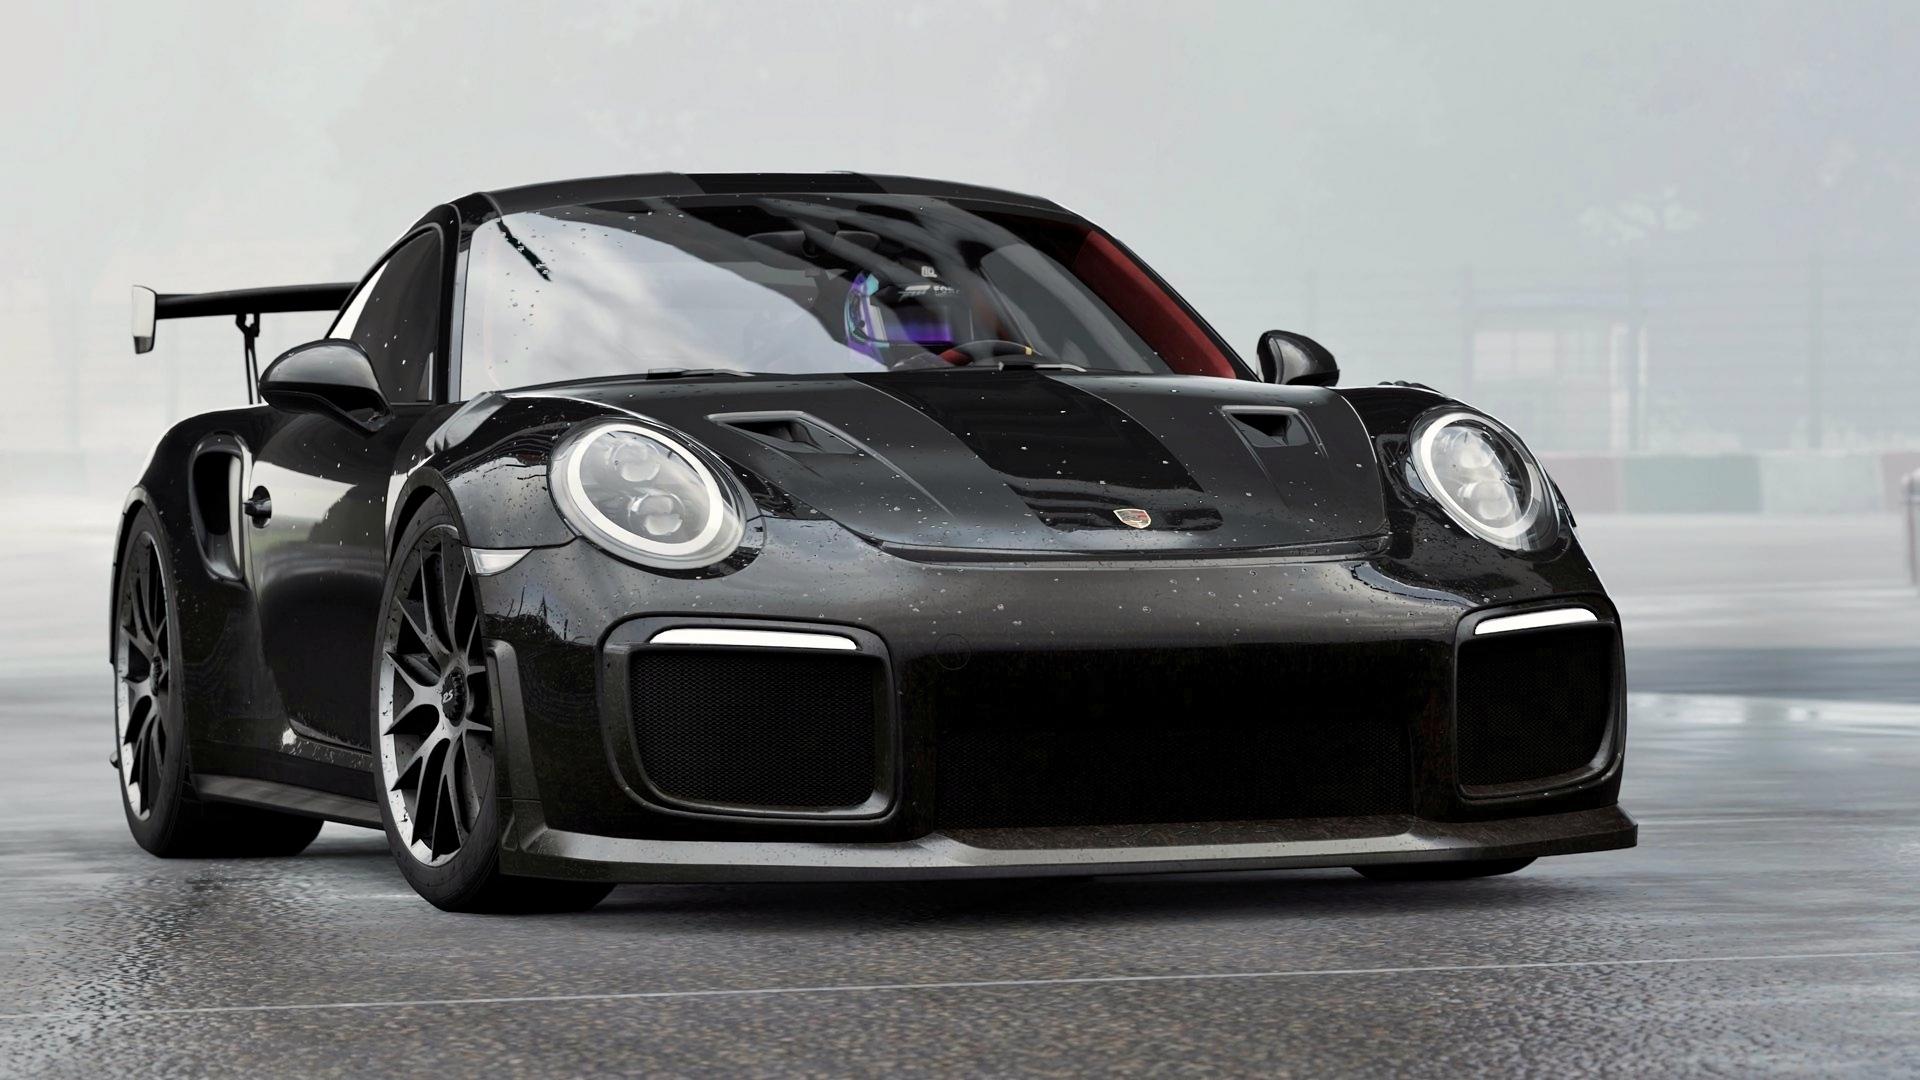 Wallpaper Porsche 911 Gt2 Rs Porsche 911 Porsche Black Porsche Gt3 Rs 1920x1080 Wallpaper Teahub Io